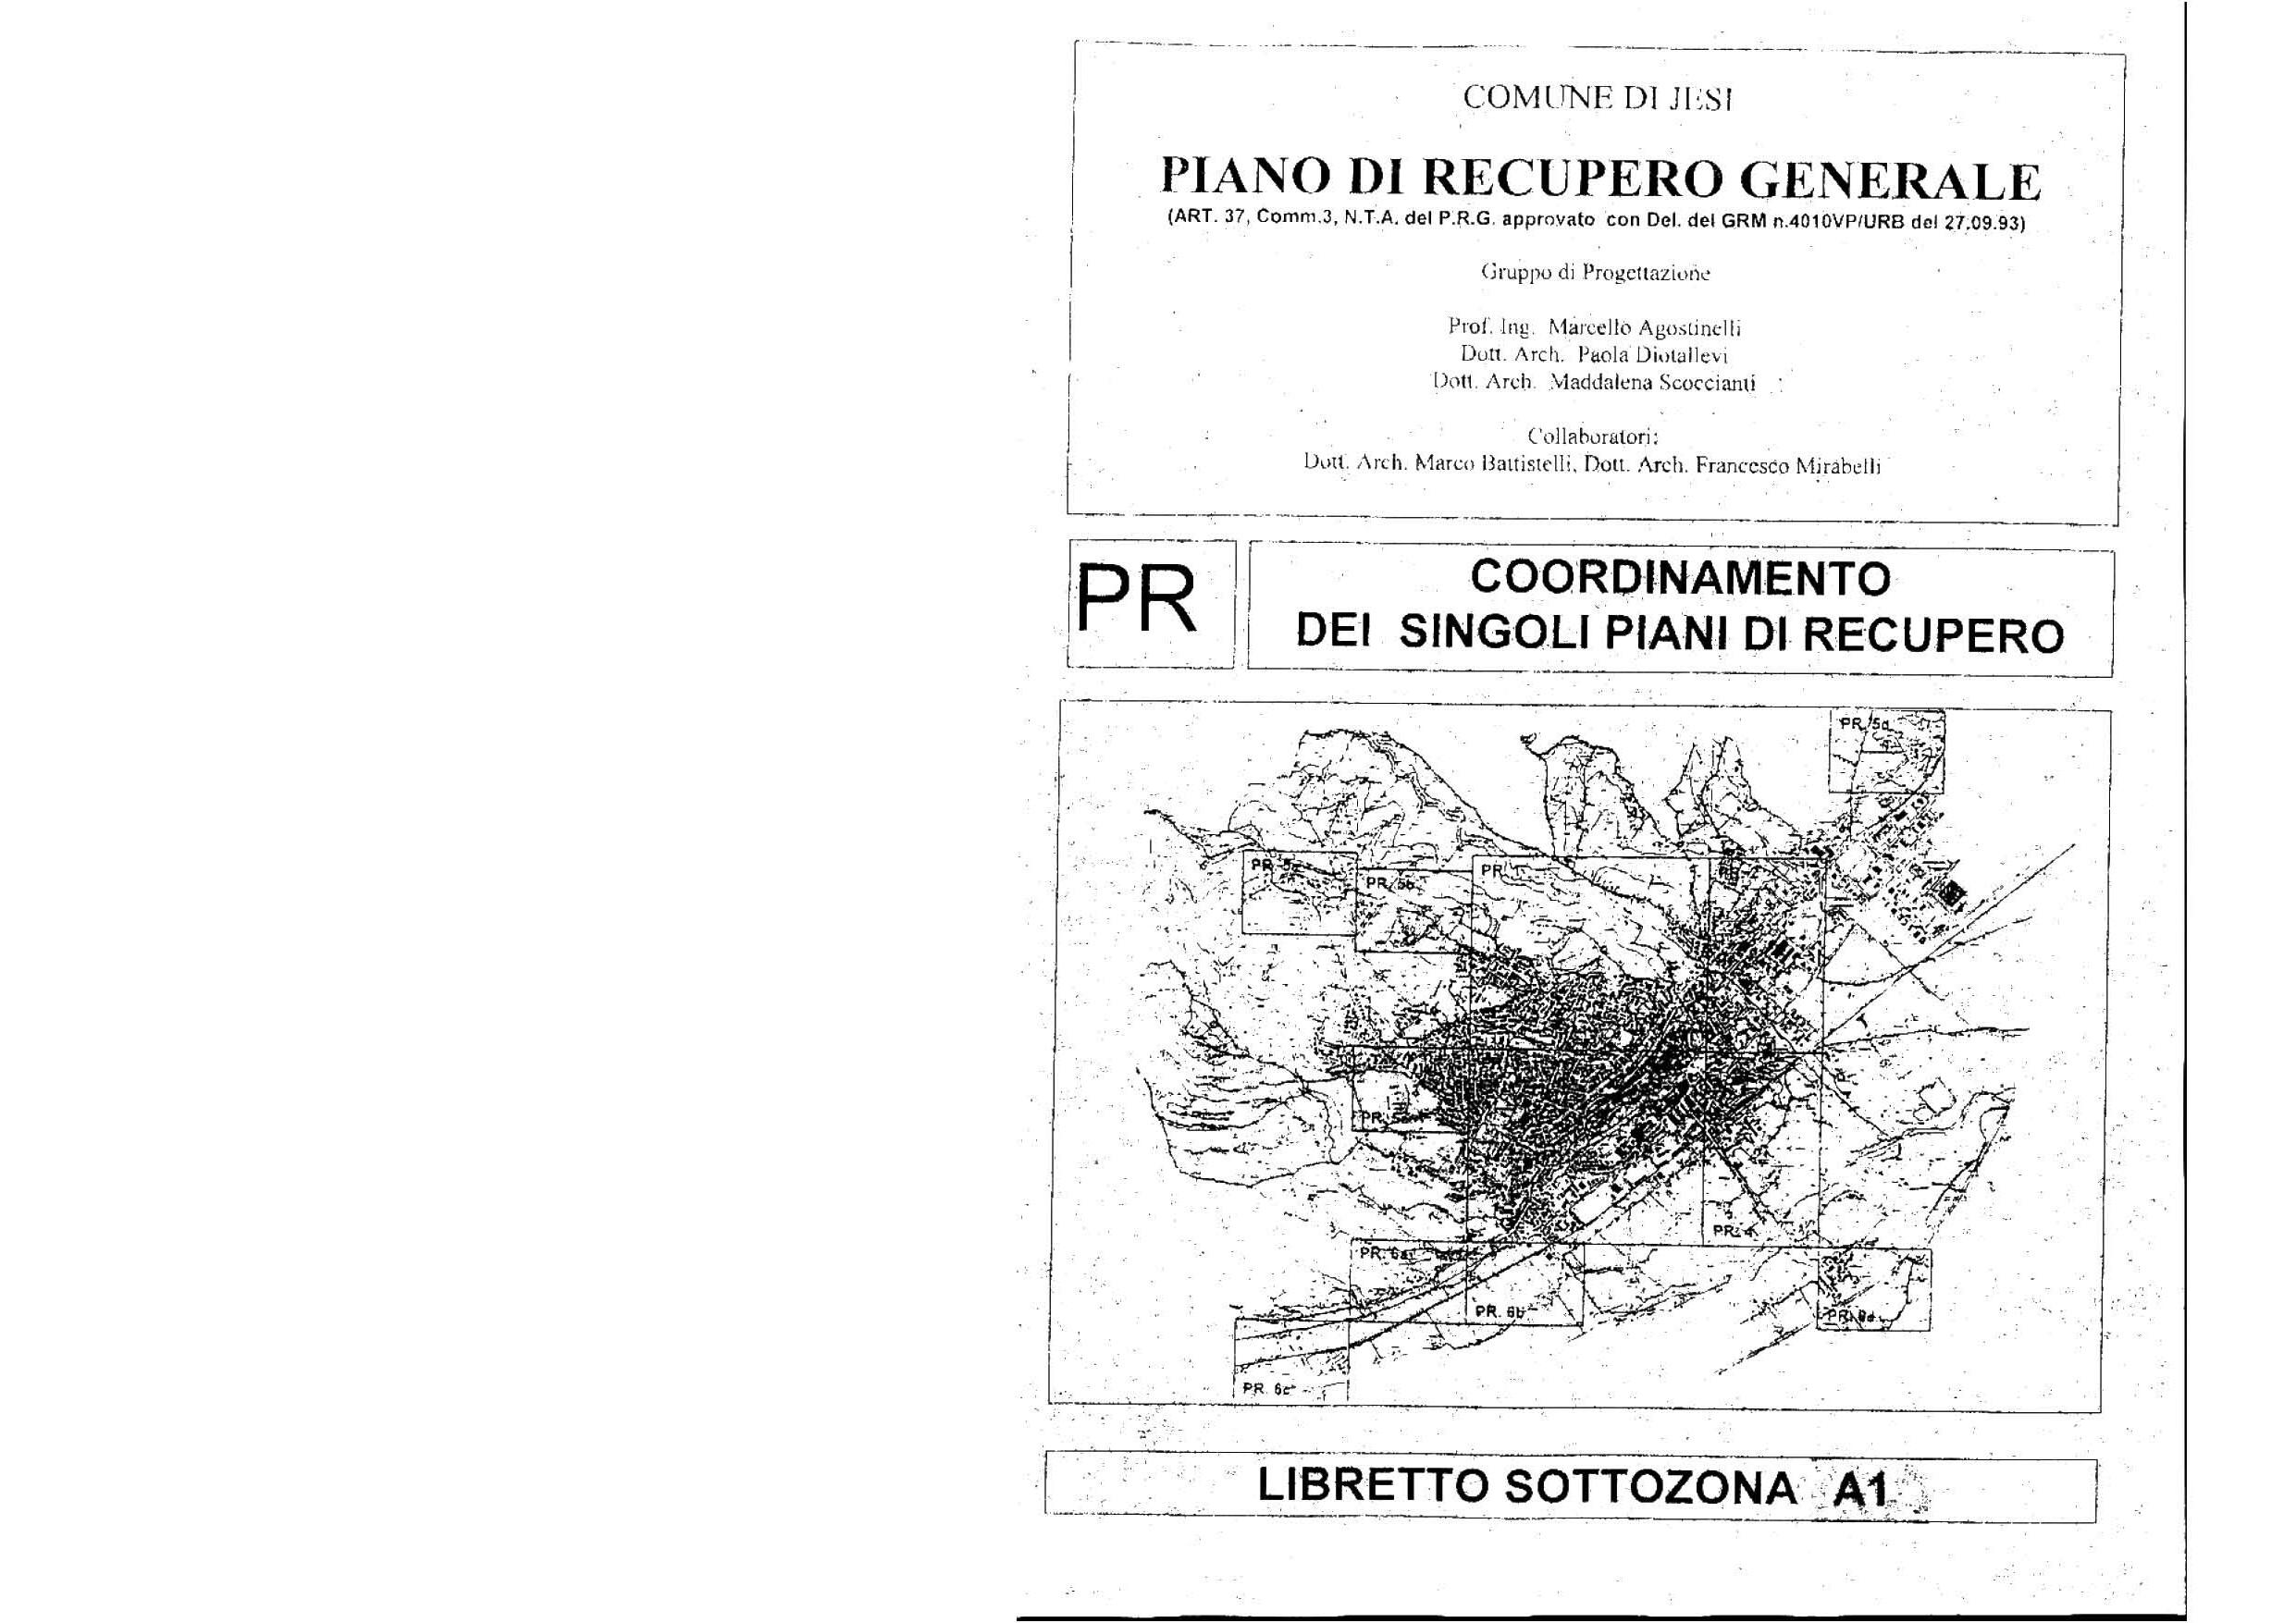 Piano Di Recupero Generale Della Citta Di Jesi Estratti Dagli Elaborati Planimetrici E Dai Libretti Allegati Paola Diotallevi